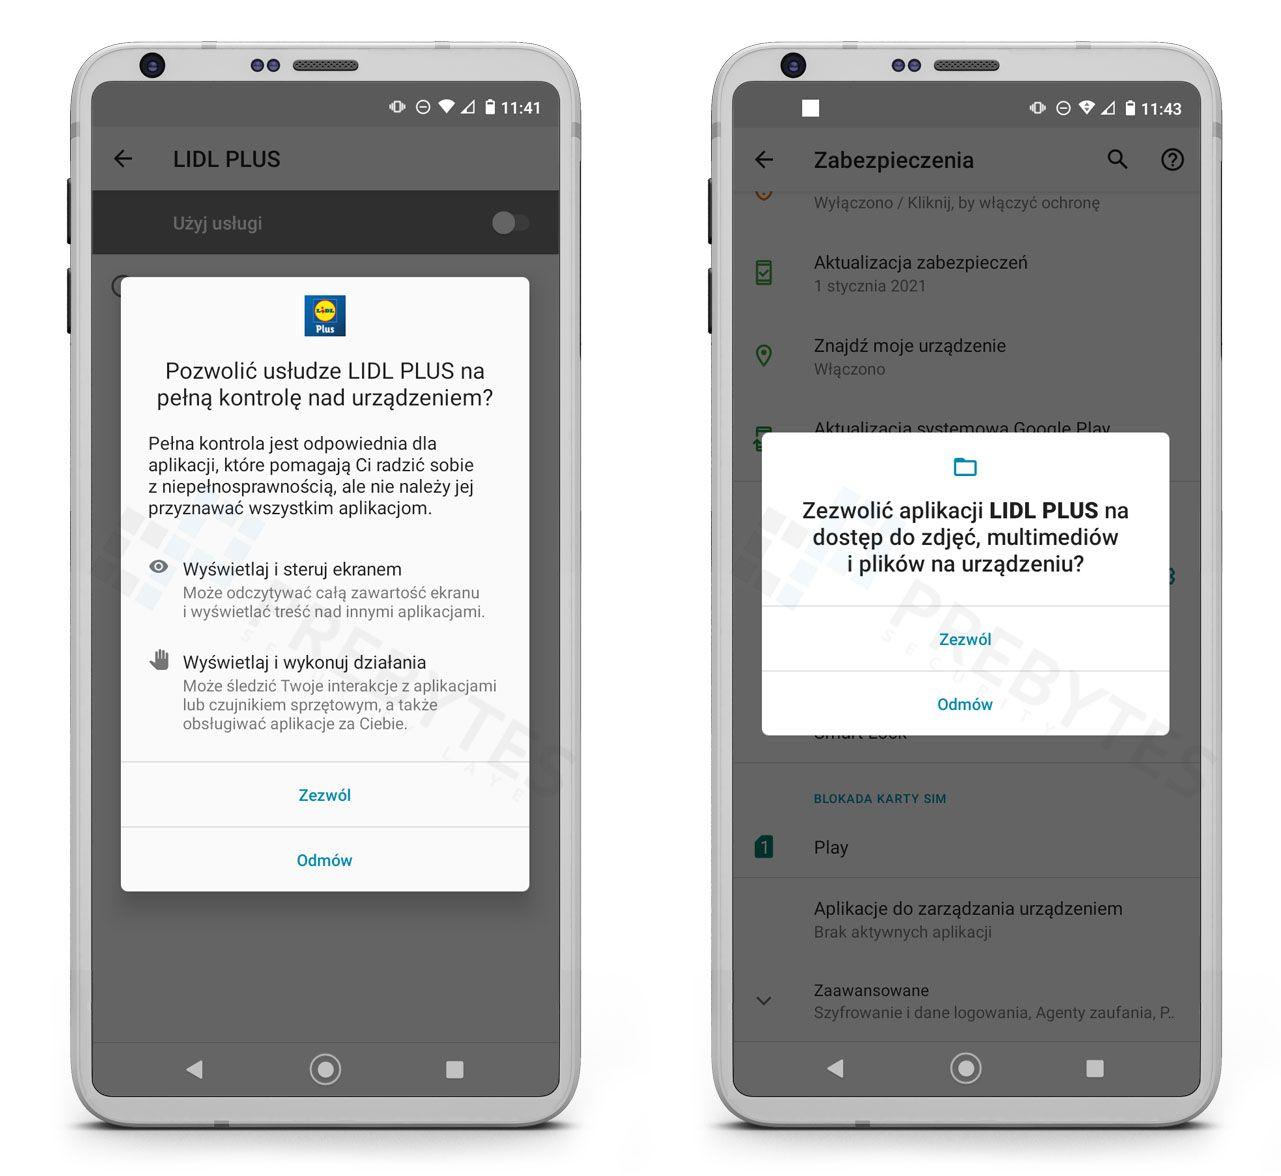 Nadanie pełnej kontroli nad urządzeniem fałszywej aplikacji Lidl Plus